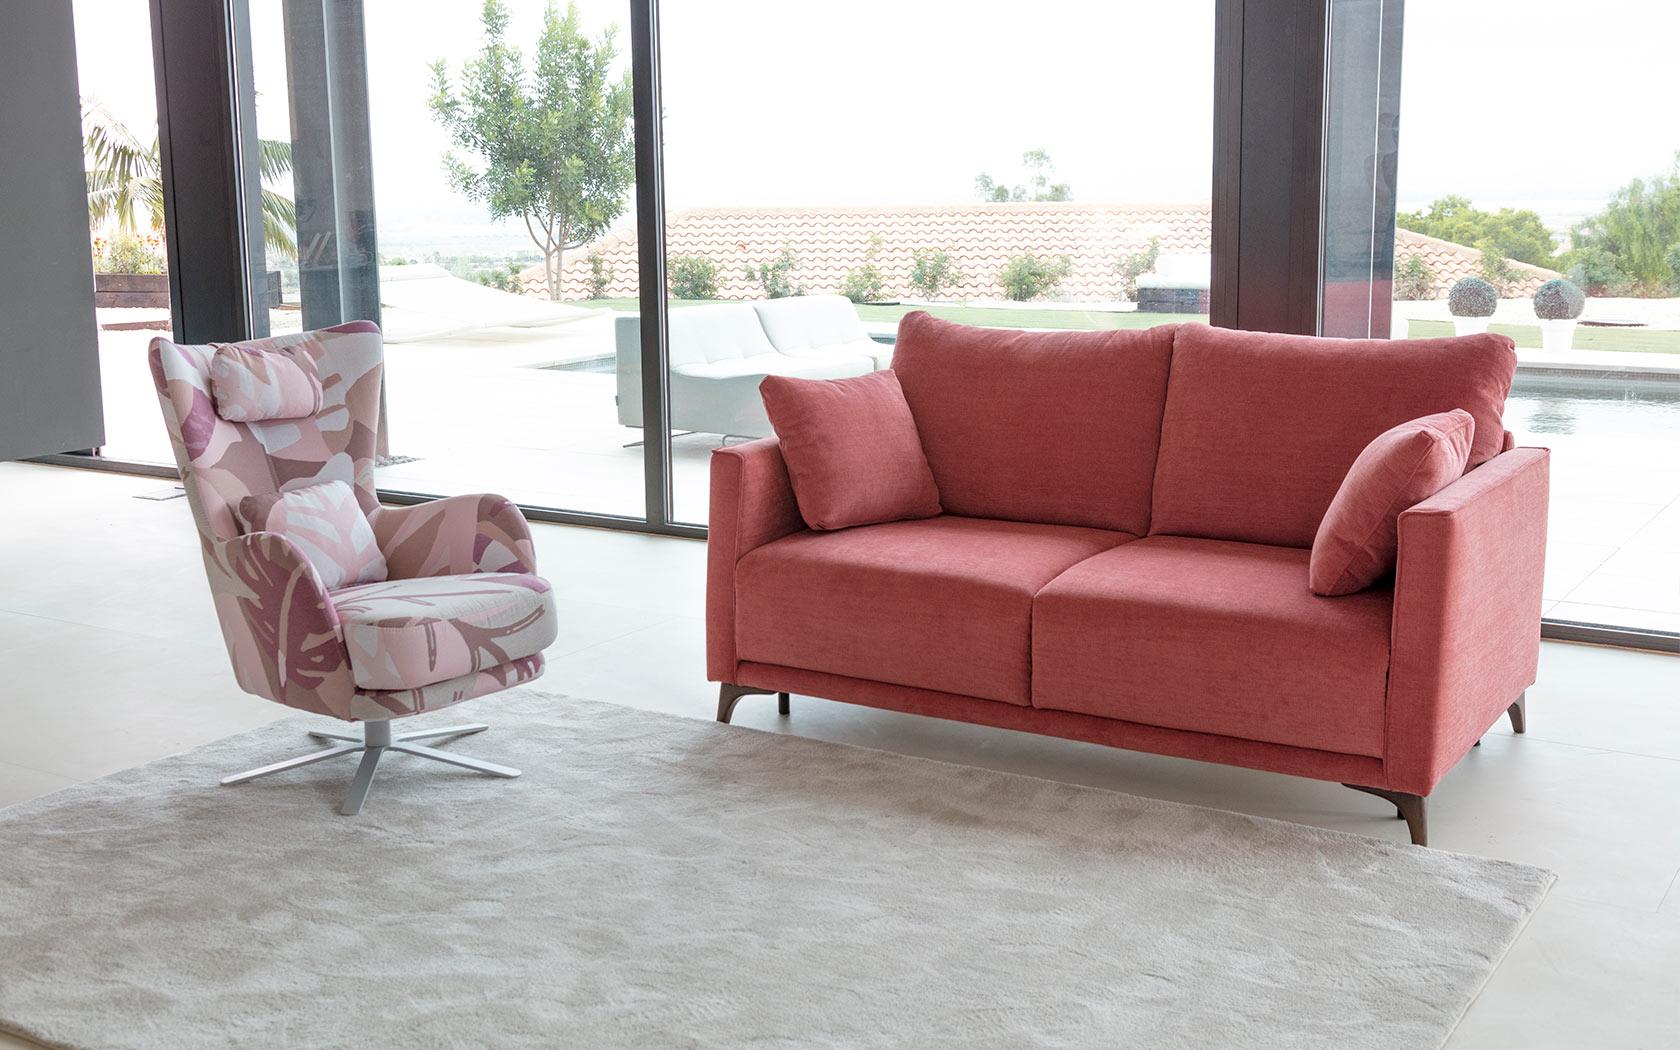 Dali sofa cama 2020 03